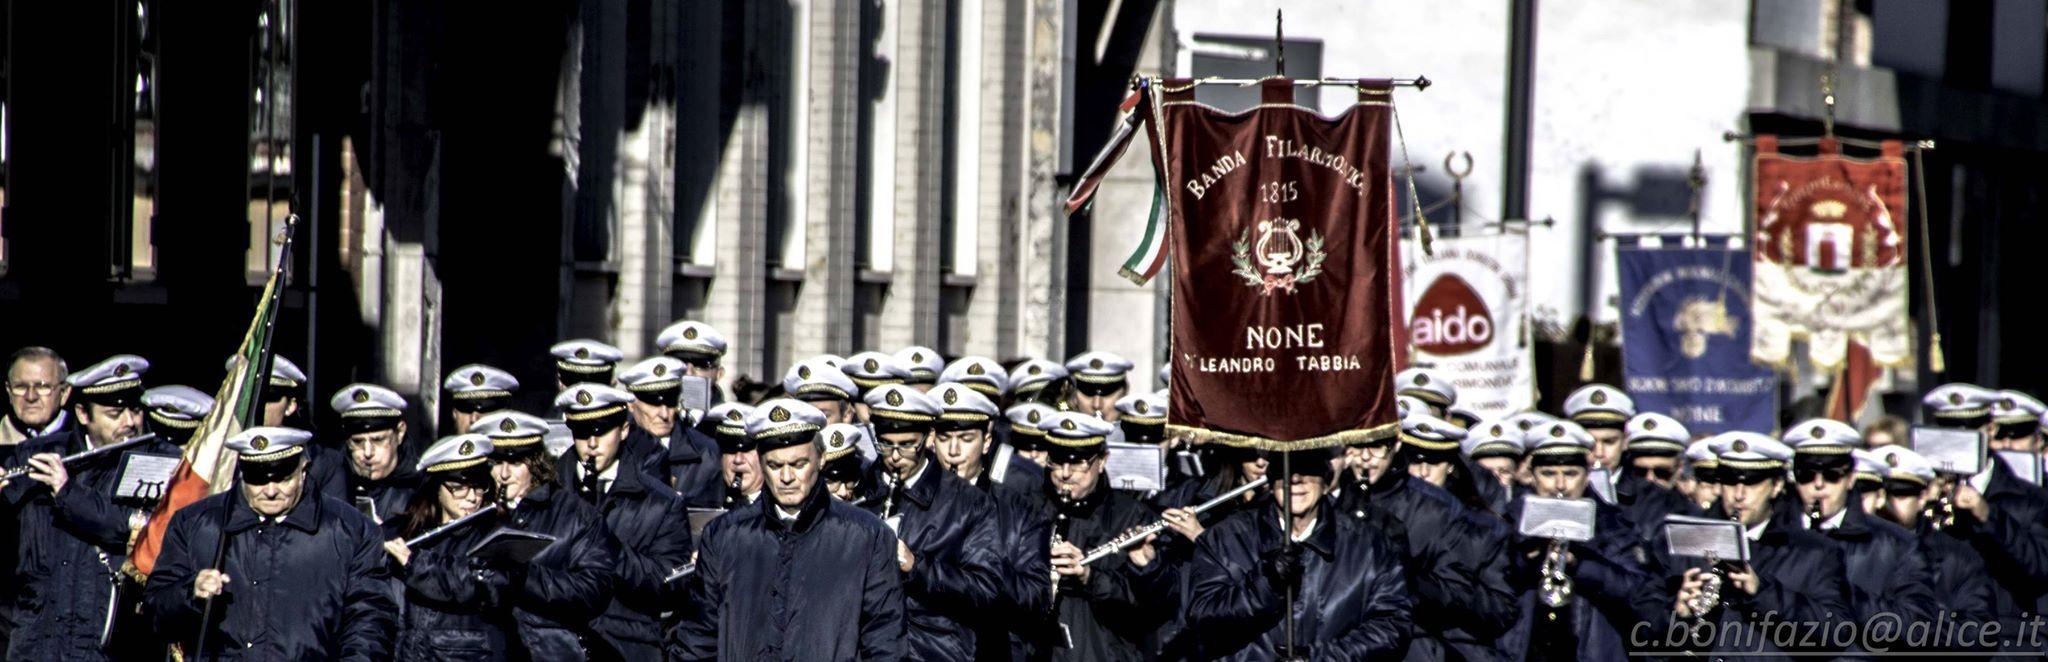 [Photogallery] A None  l'inaugurazione del monumento della Banda Filarmonica